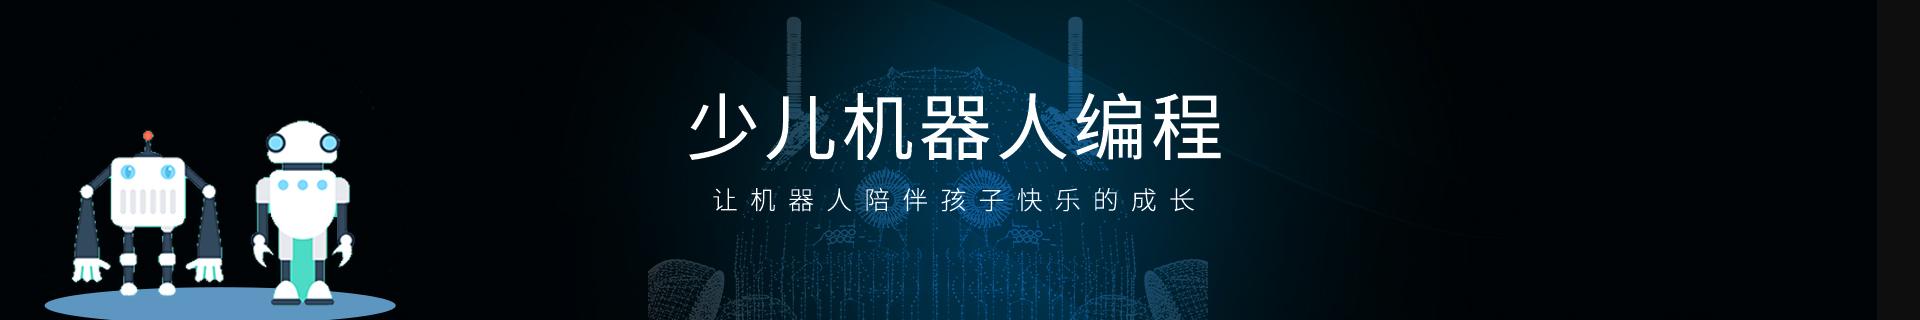 北京石景山区码高教育培训